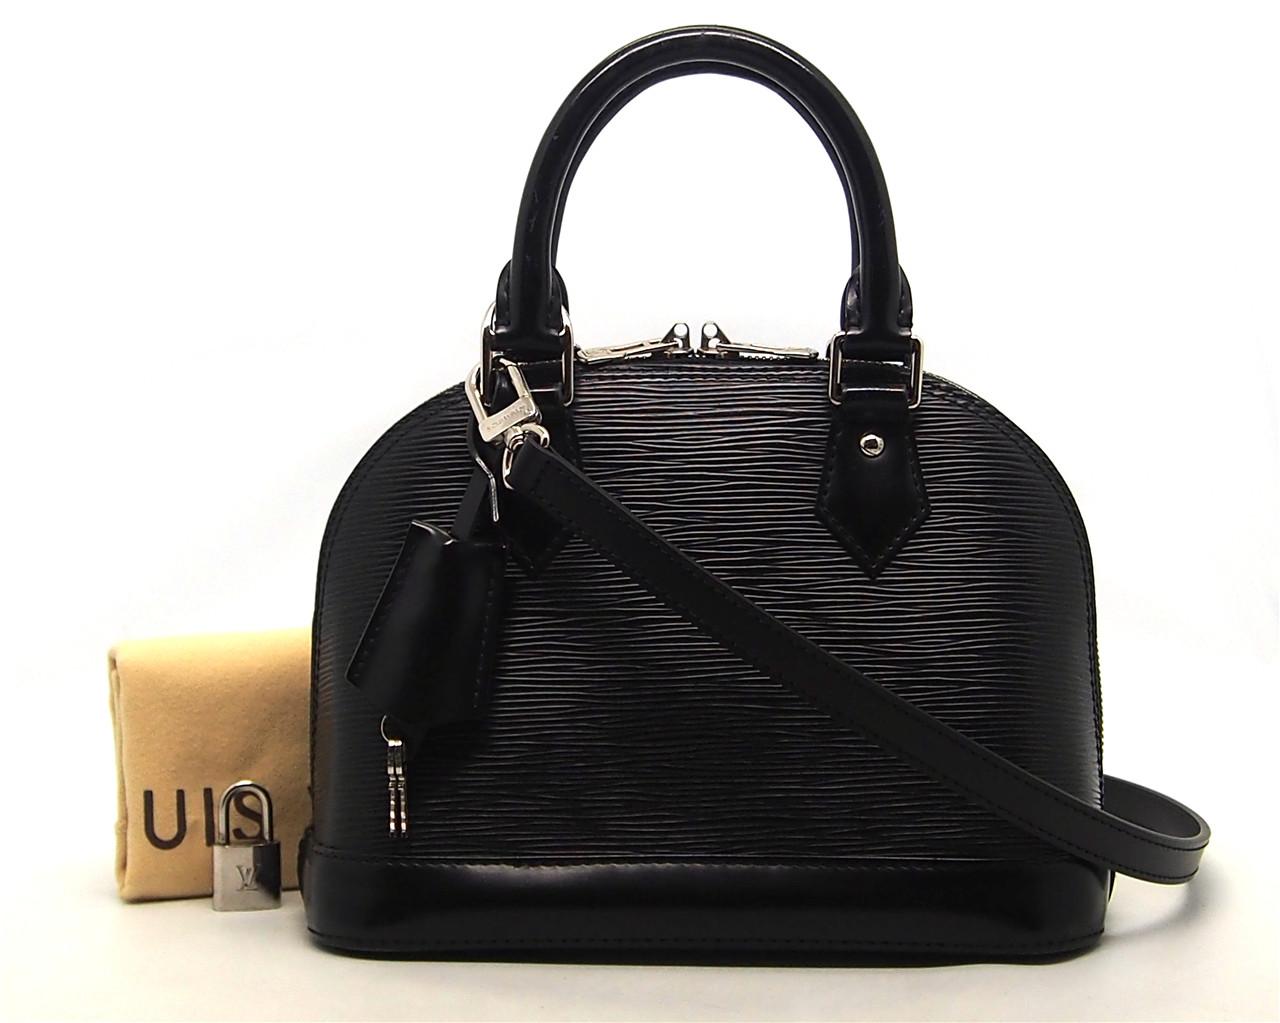 fcec9120b174 Authentic Louis Vuitton Black Epi Leather Alma Bb M40862 Shoulder